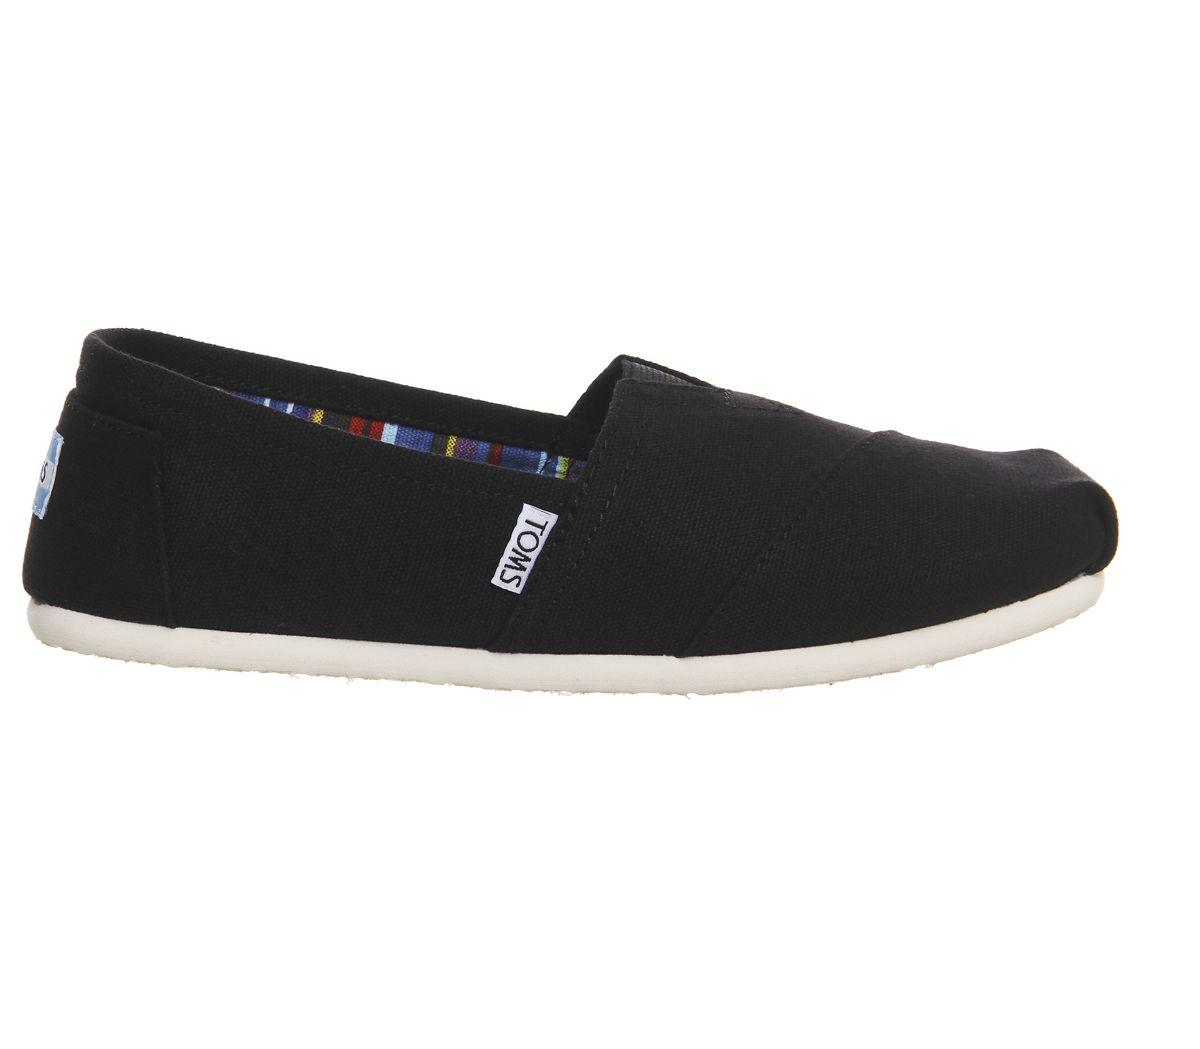 6e18051d2e48 Toms Classic Slip Ons Black Canvas - Flats